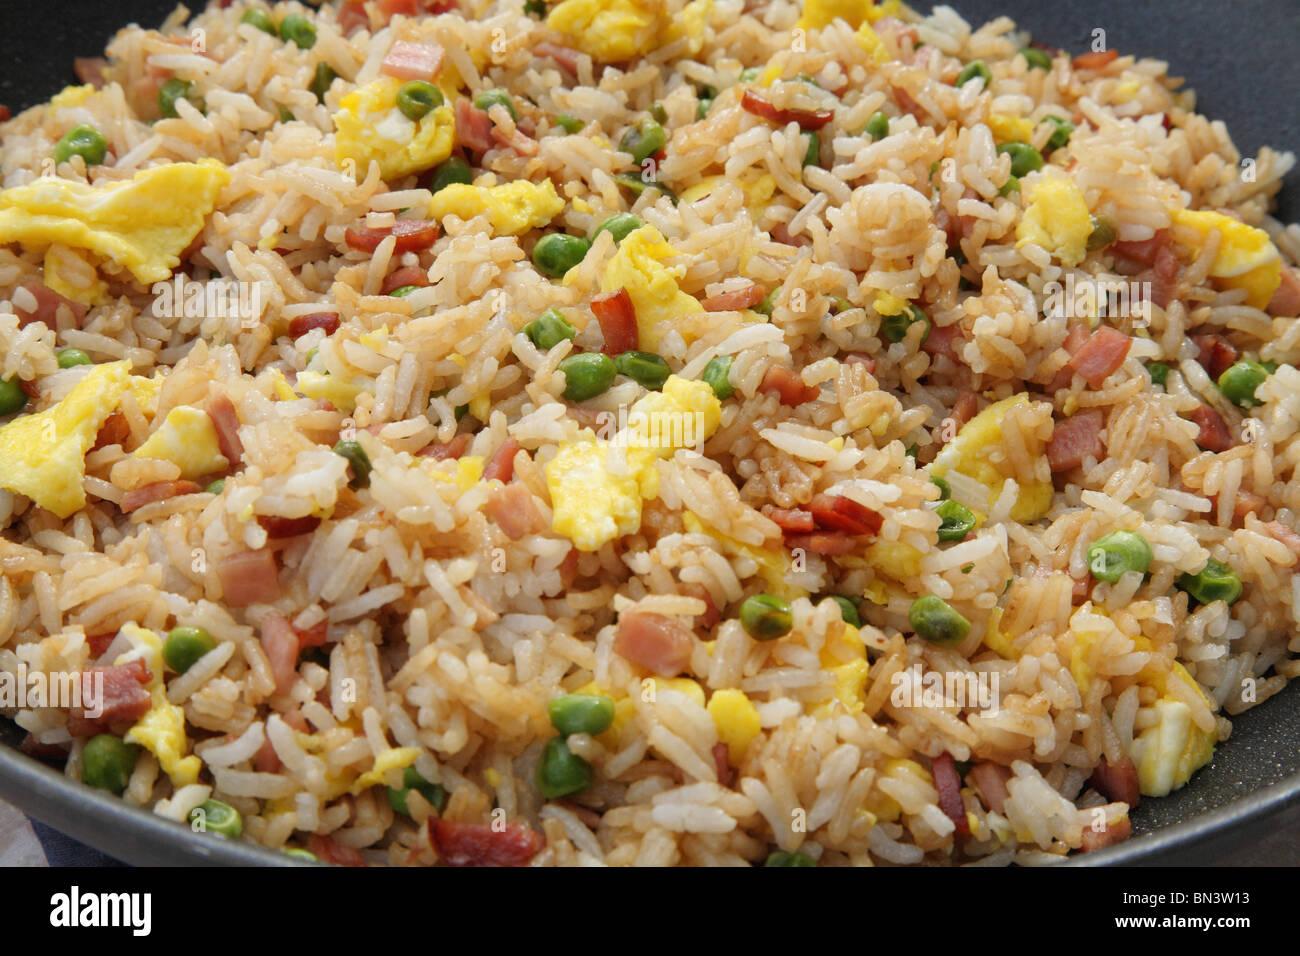 Close-up wok llena de coloridos jamón arroz frito alimentos Imagen De Stock